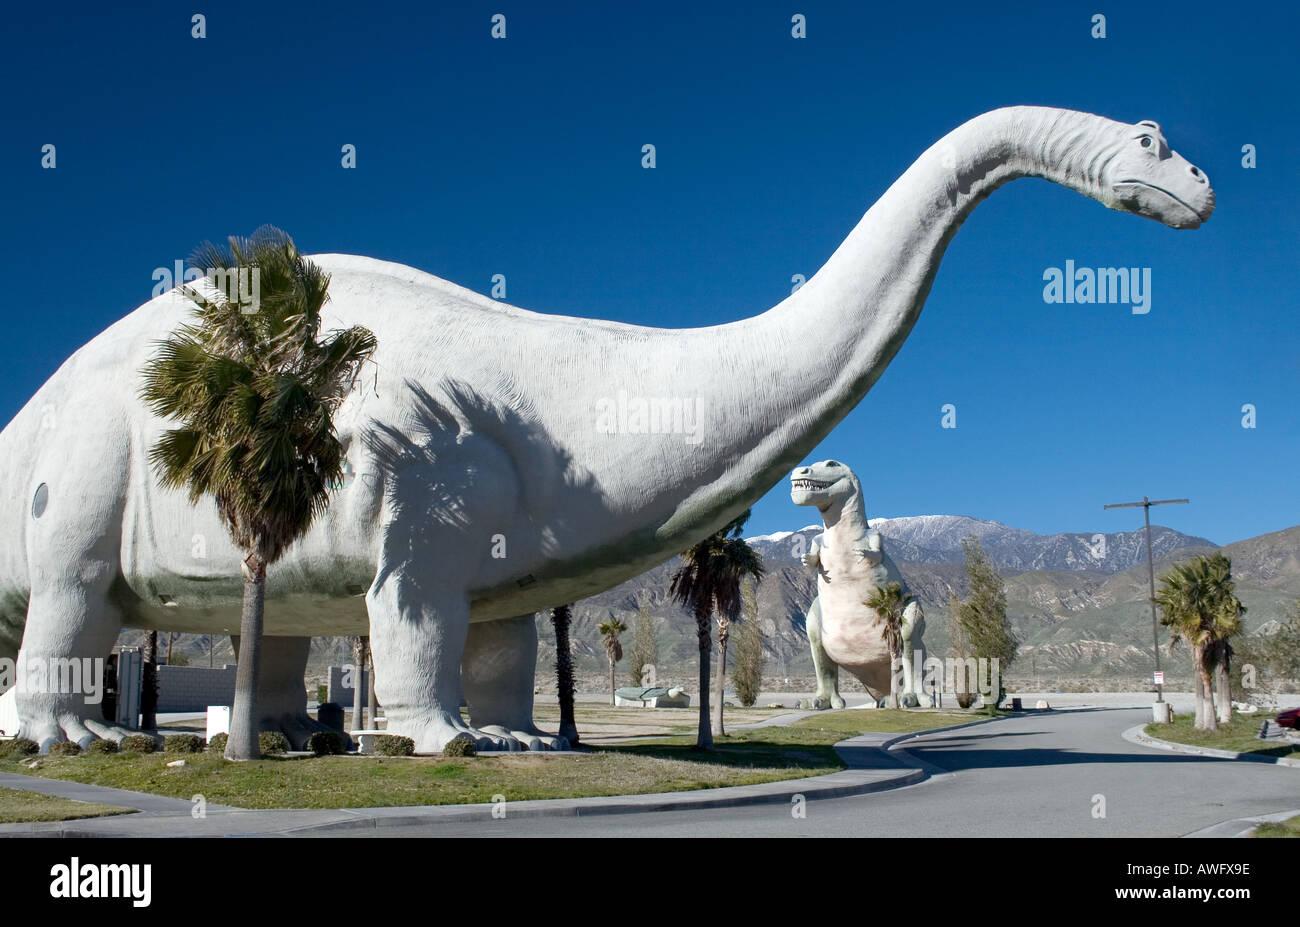 Le monde s plus grands dinosaures sont situés à Cabazon Californie, à l'ouest de Palm Springs Banque D'Images